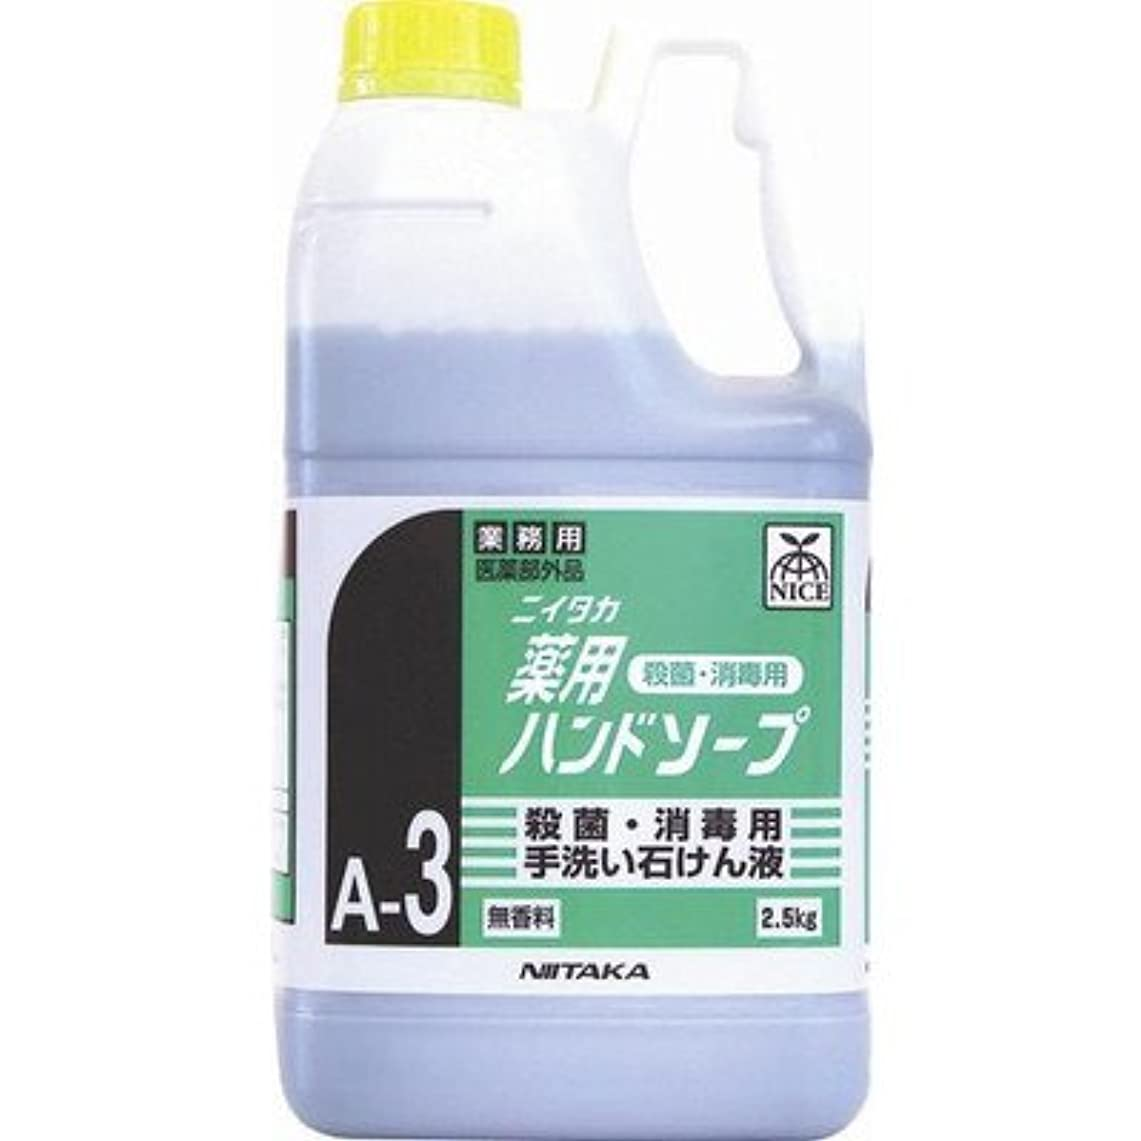 承認シネウィすなわちニイタカ 業務用手洗い石けん液 薬用ハンドソープ(A-3) 2.5kg×6本